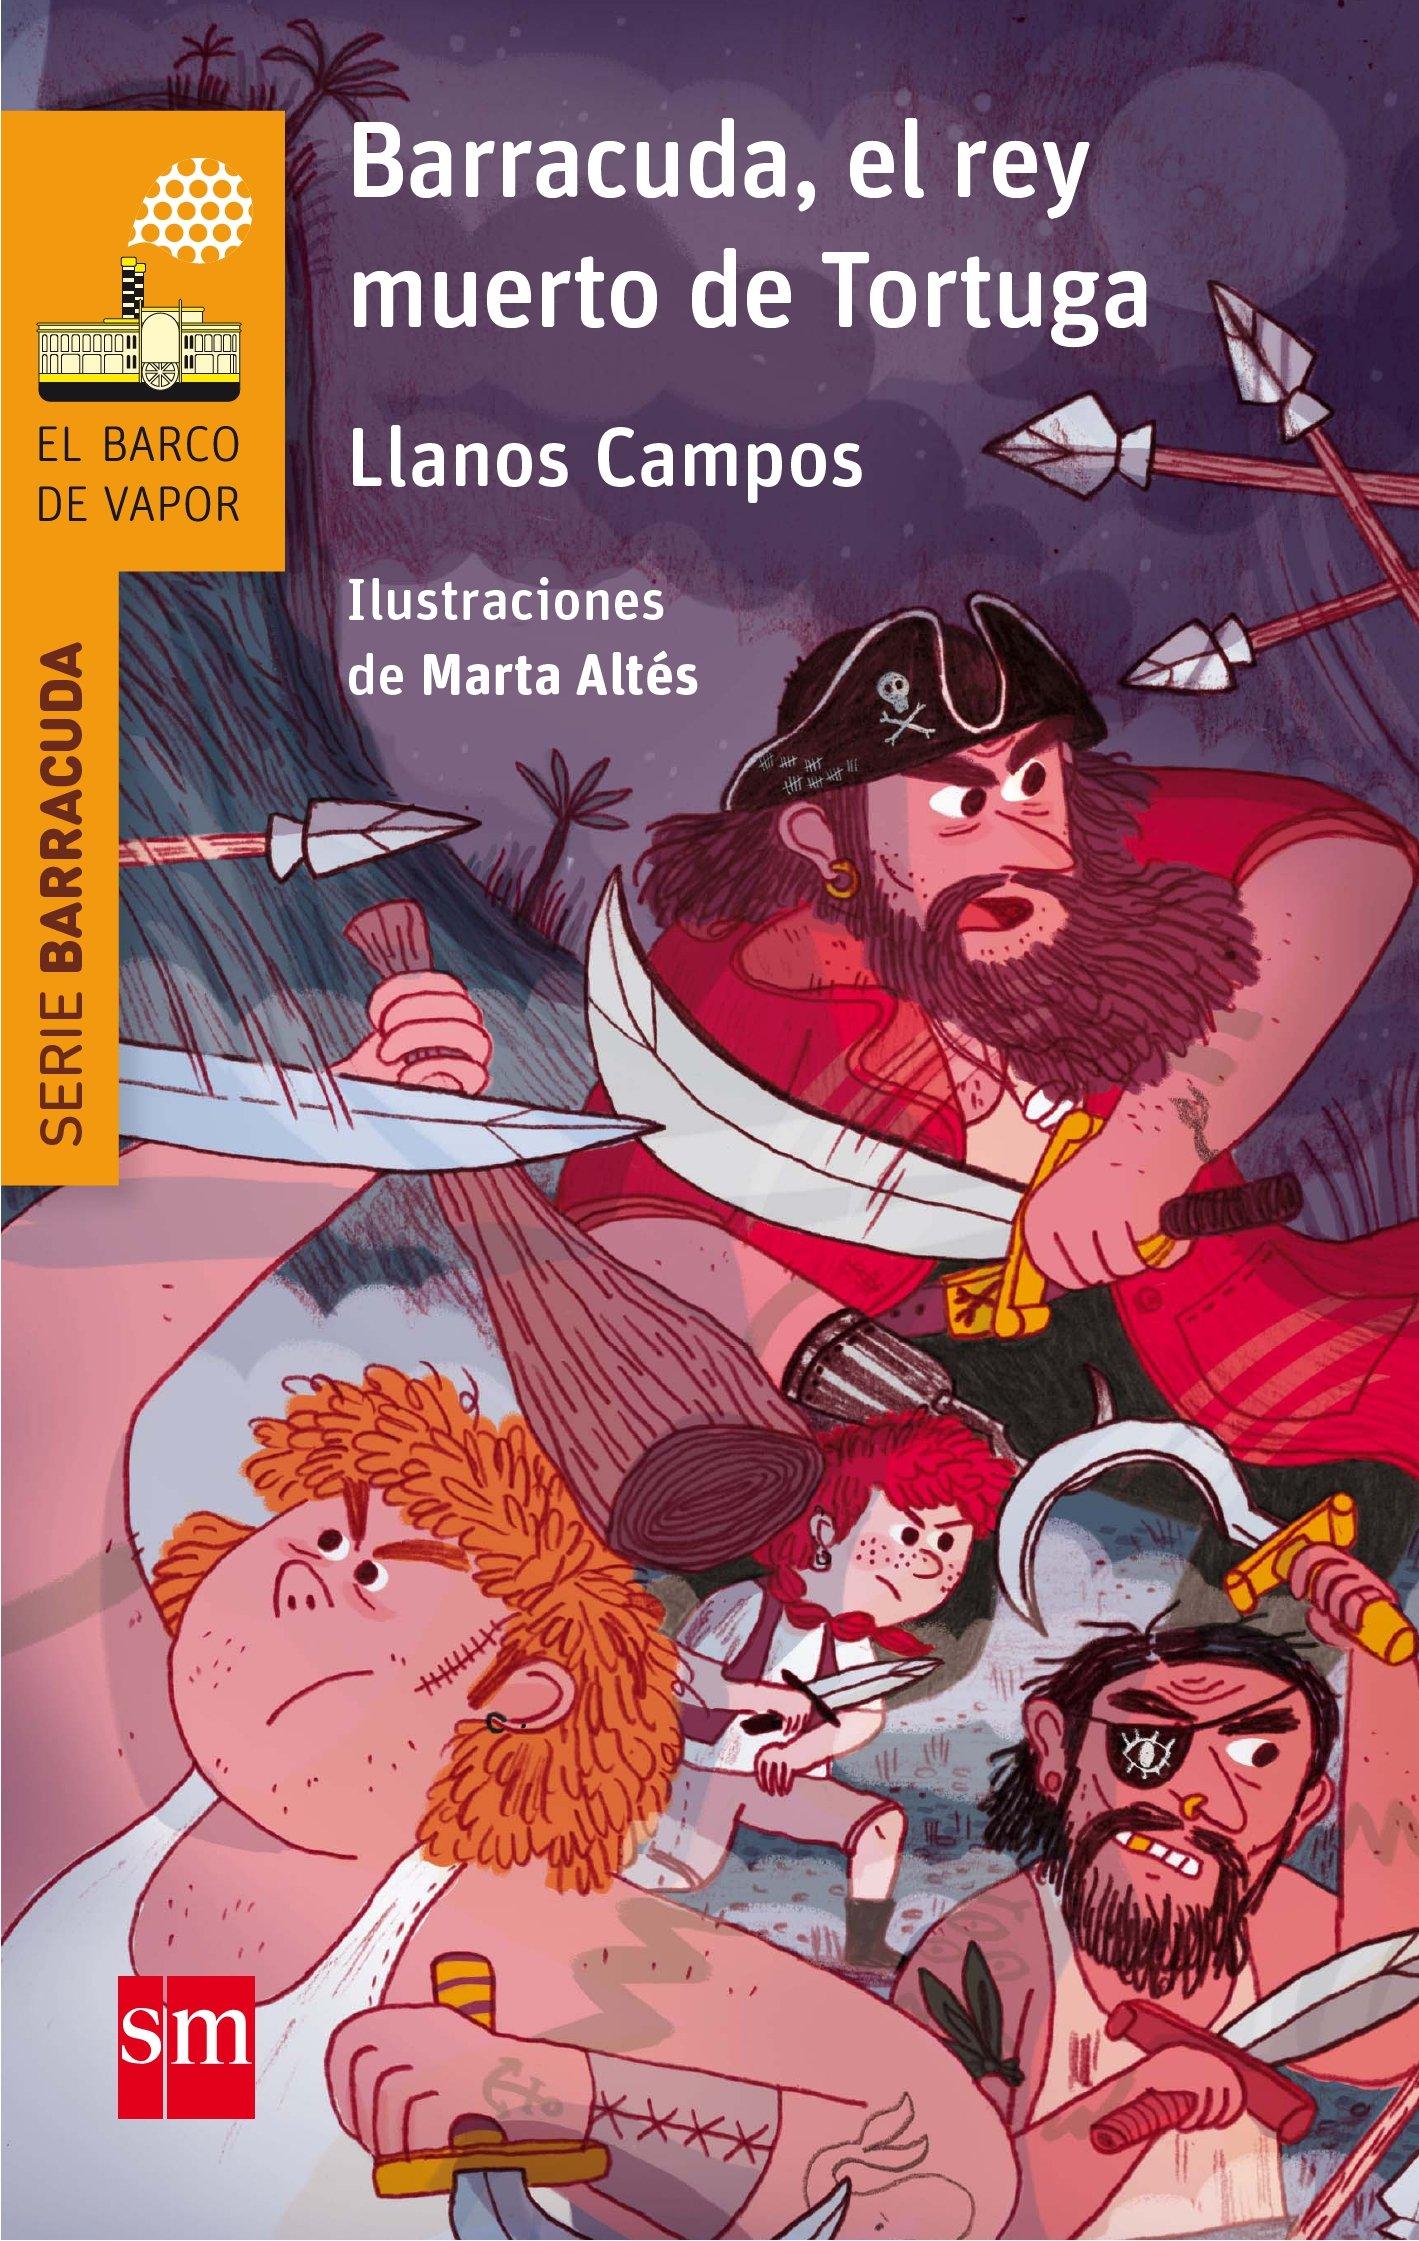 Barracuda, el rey muerto de Tortuga El Barco de Vapor Naranja: Amazon.es:  Llanos Campos Martínez, Marta Altés García: Libros